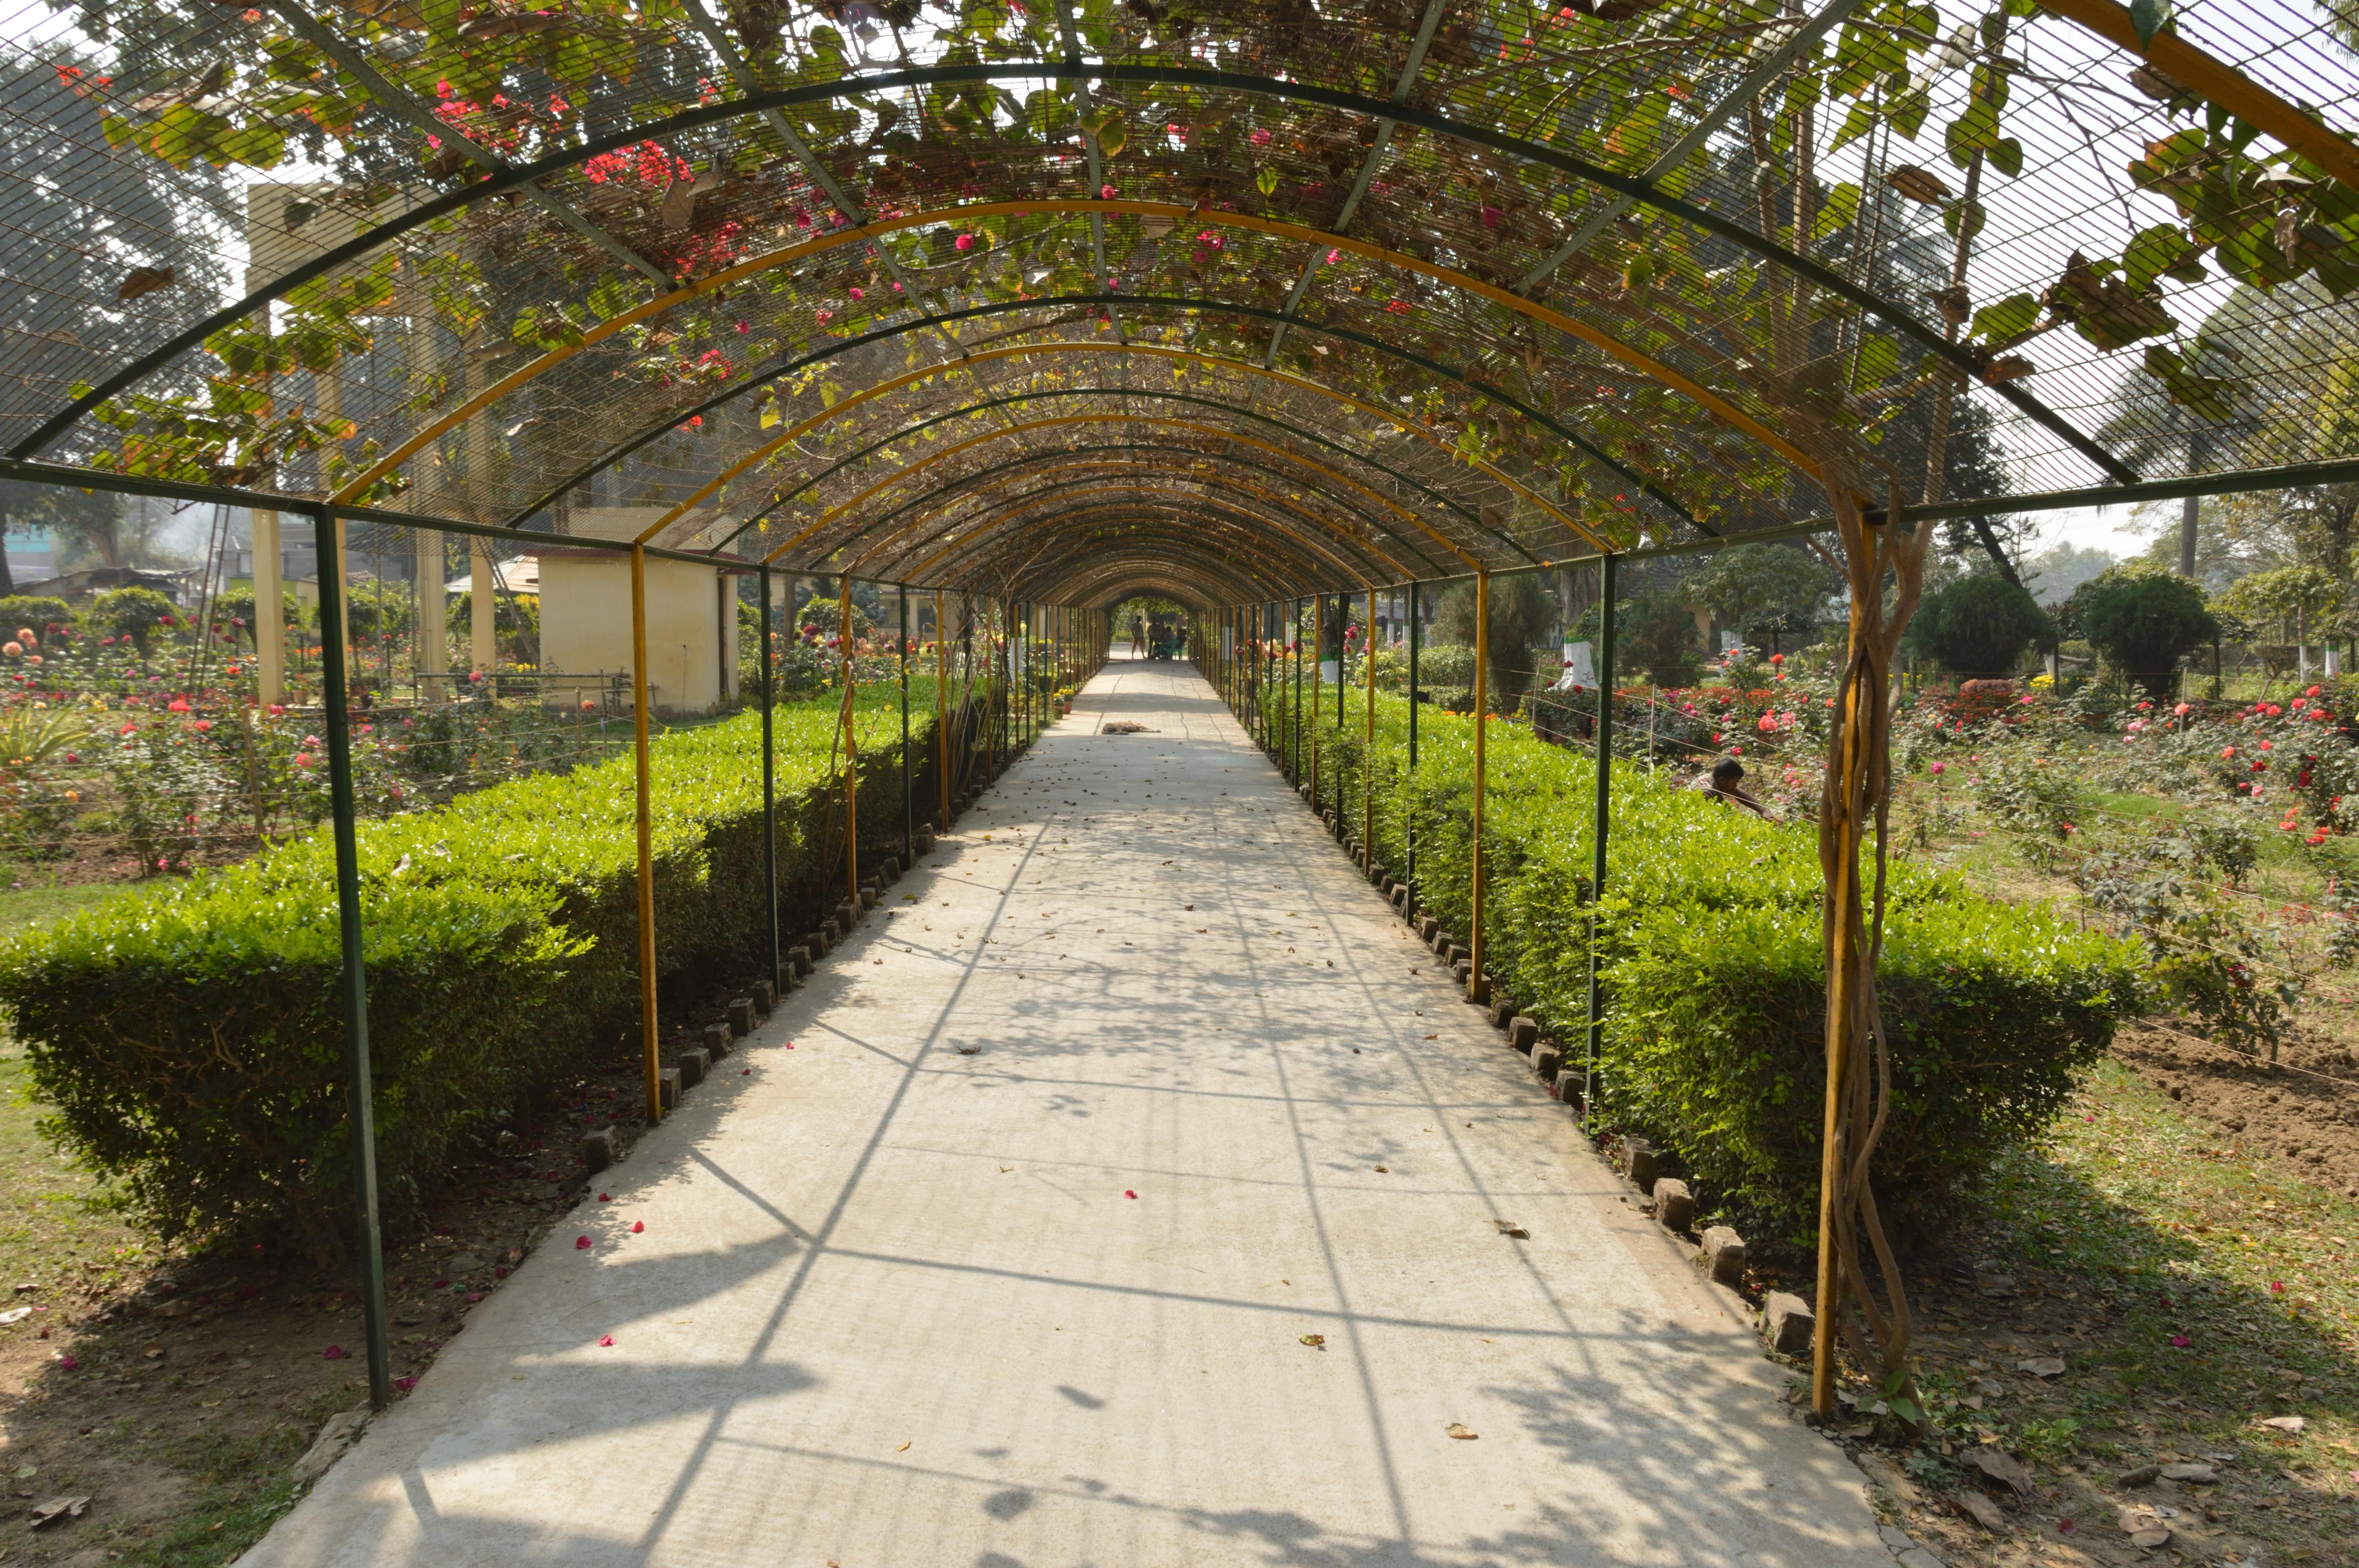 file:flower garden - kalyani picnic garden - kalyani - nadia 2017